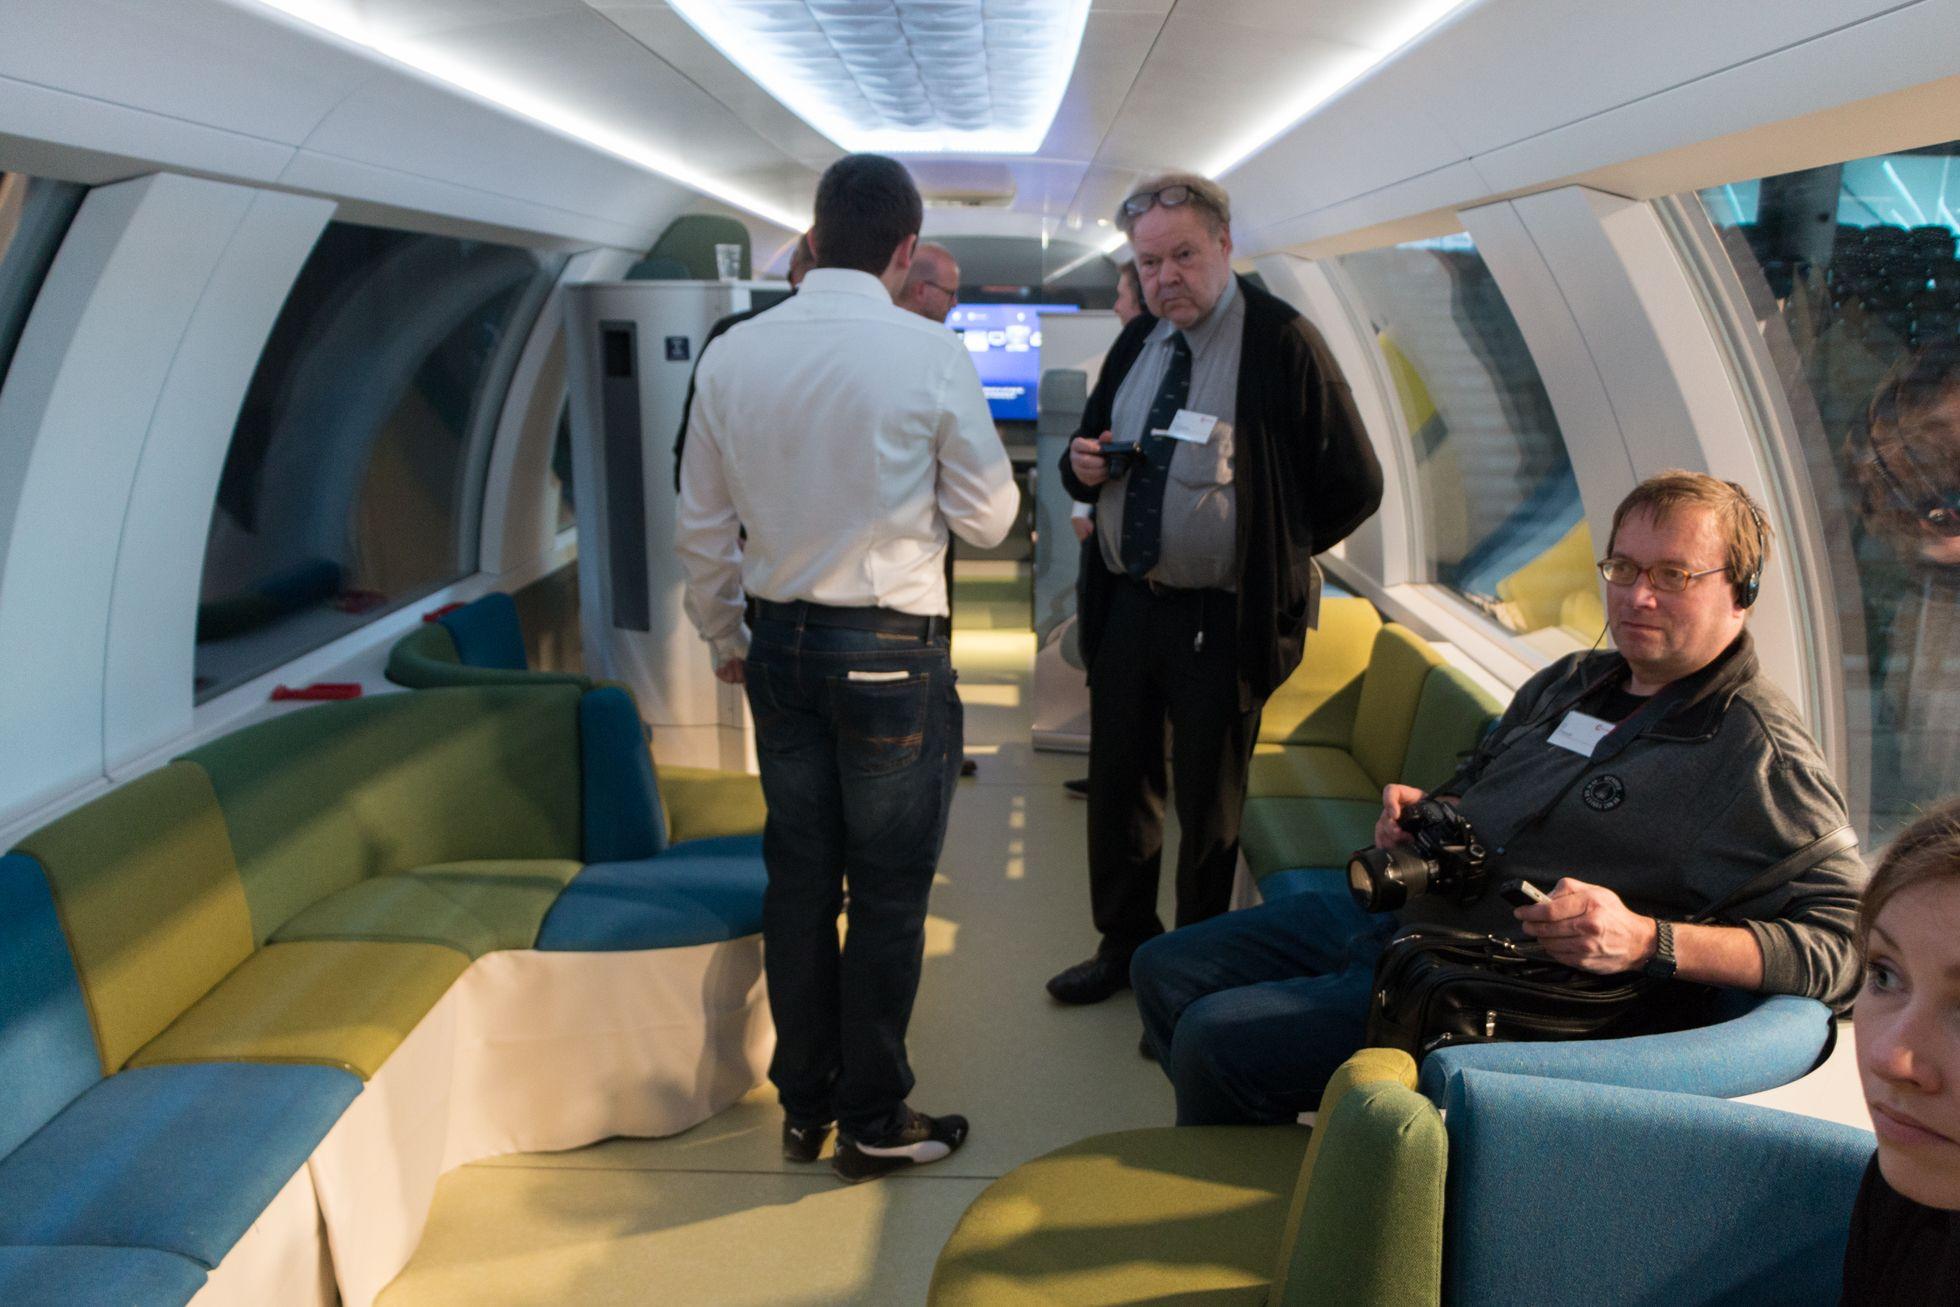 Ideenzug: Der Nahverkehr soll cool werden - Eine Reisegruppe kann sich im Lounge-Bereich niederlassen. (Foto: Werner Pluta/Golem.de)